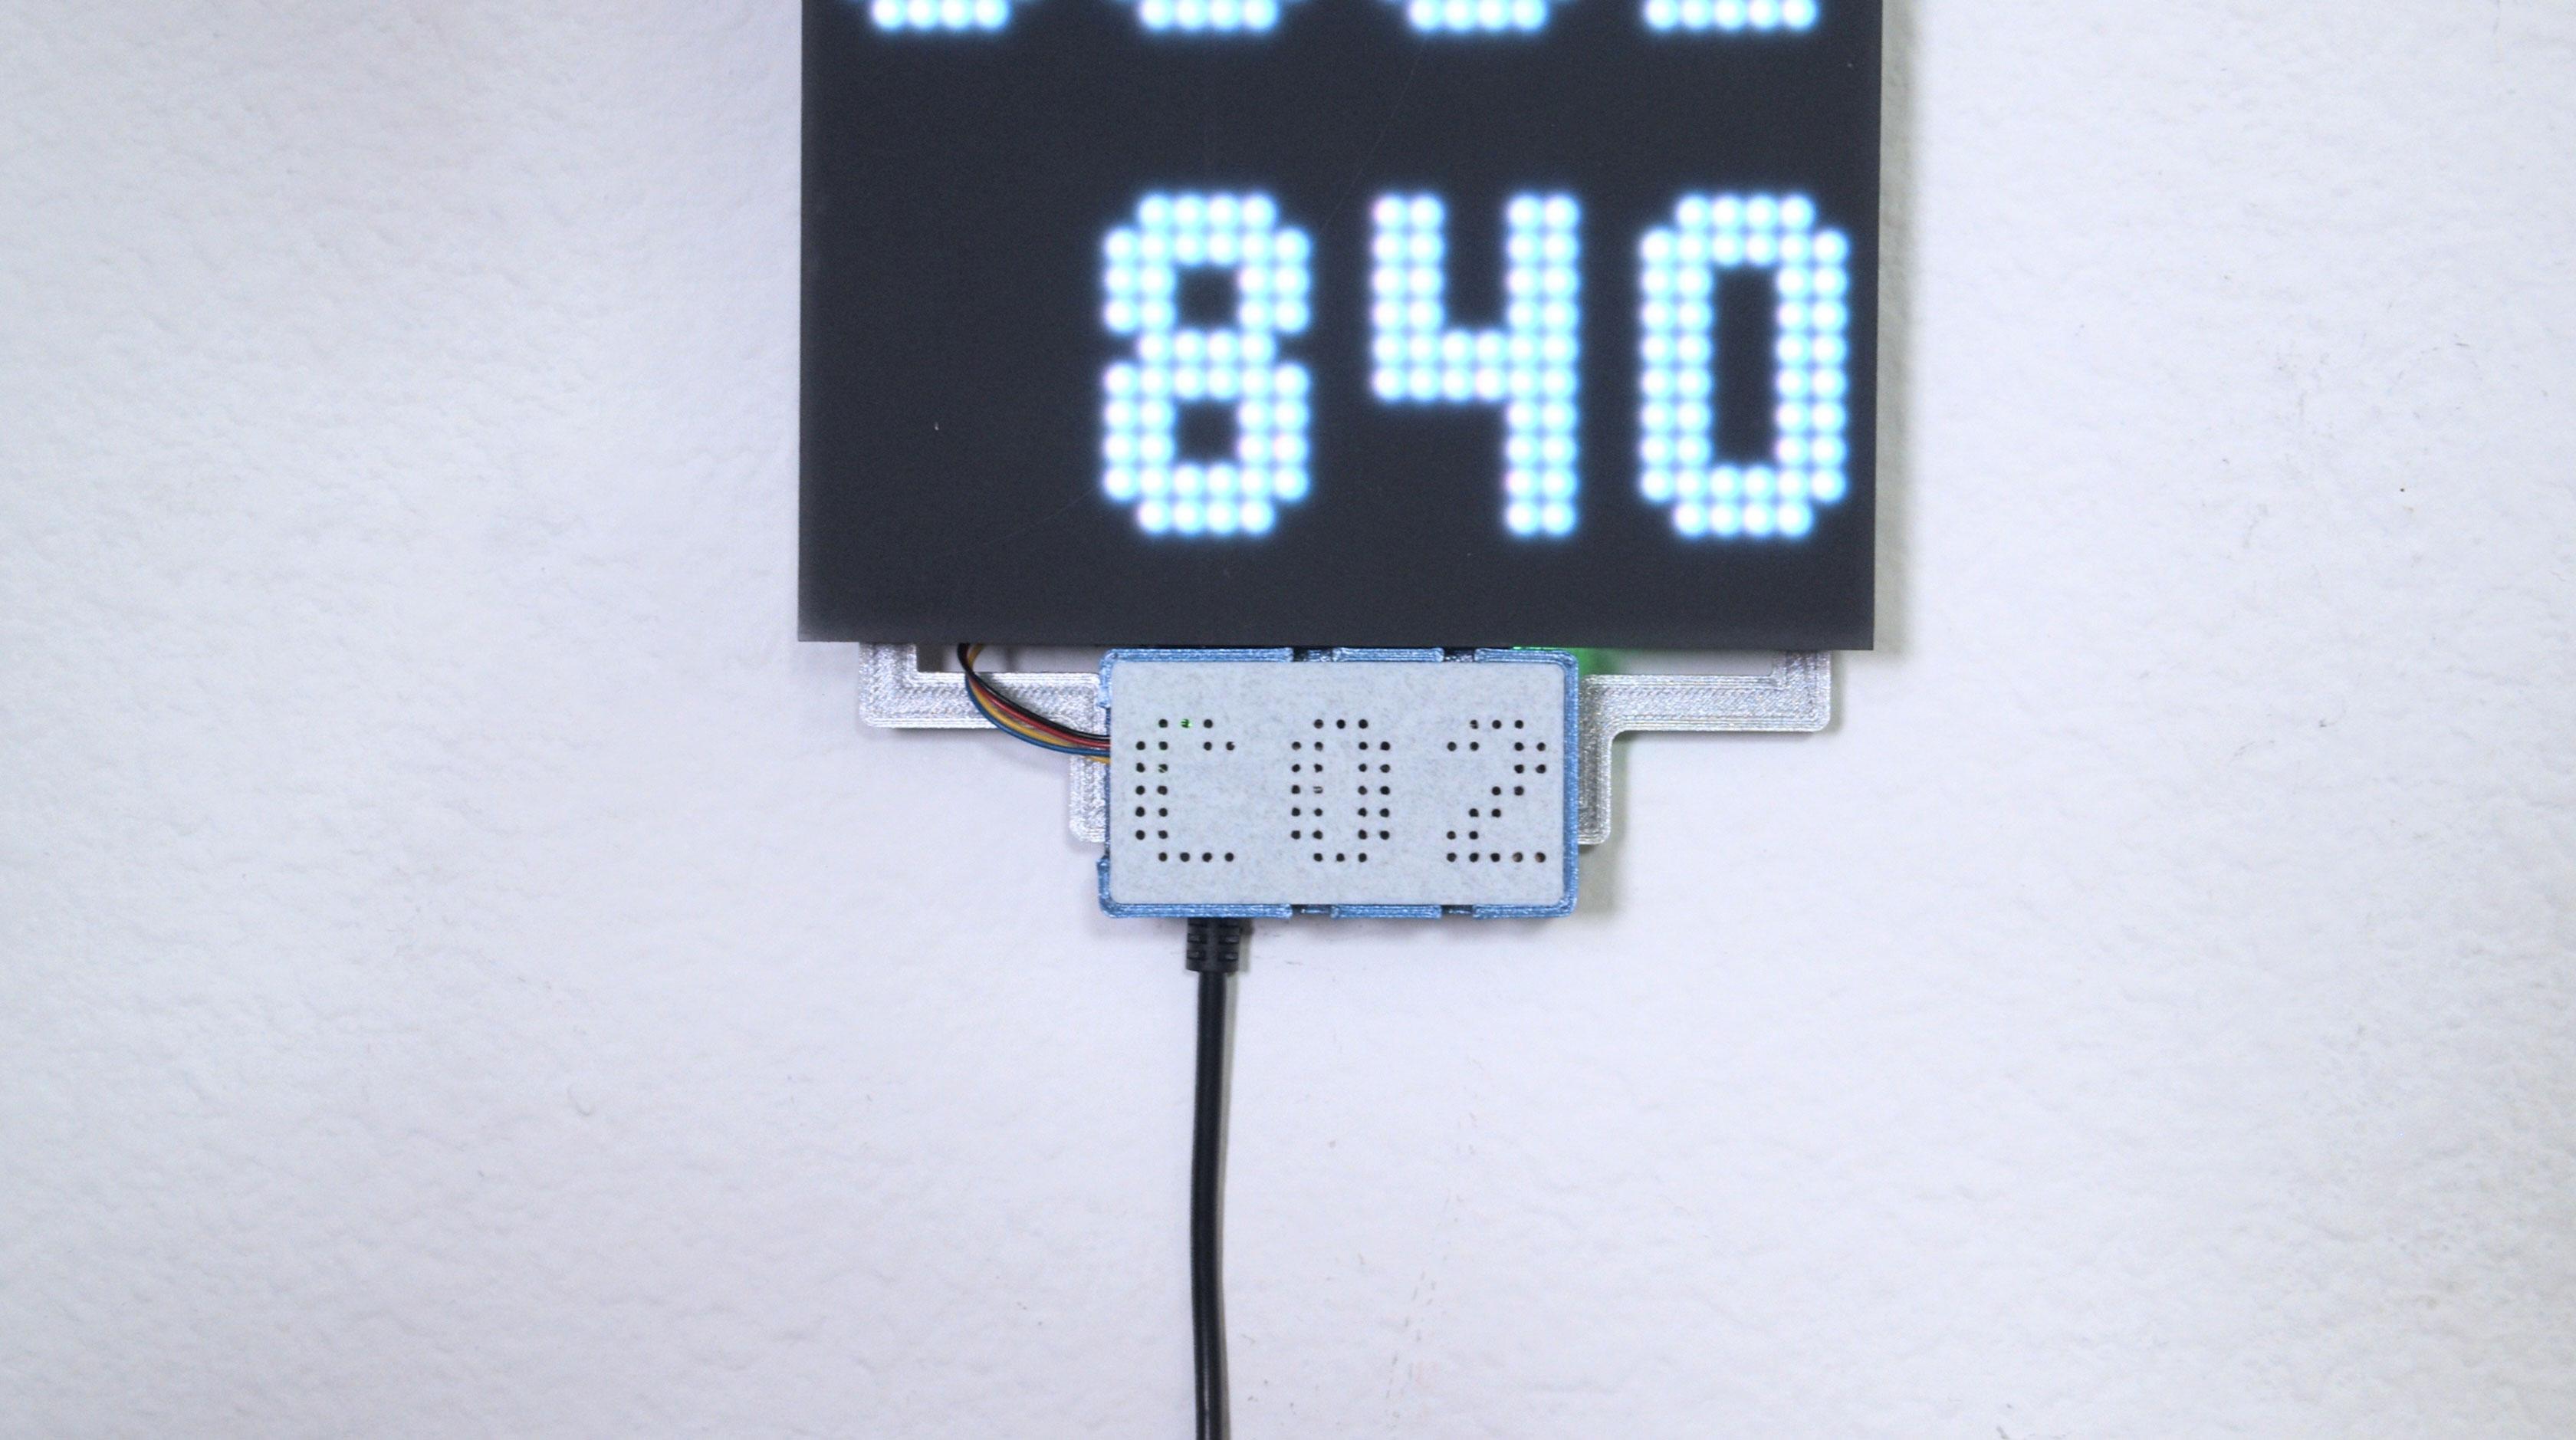 temperature___humidity_hero-case-close.jpg